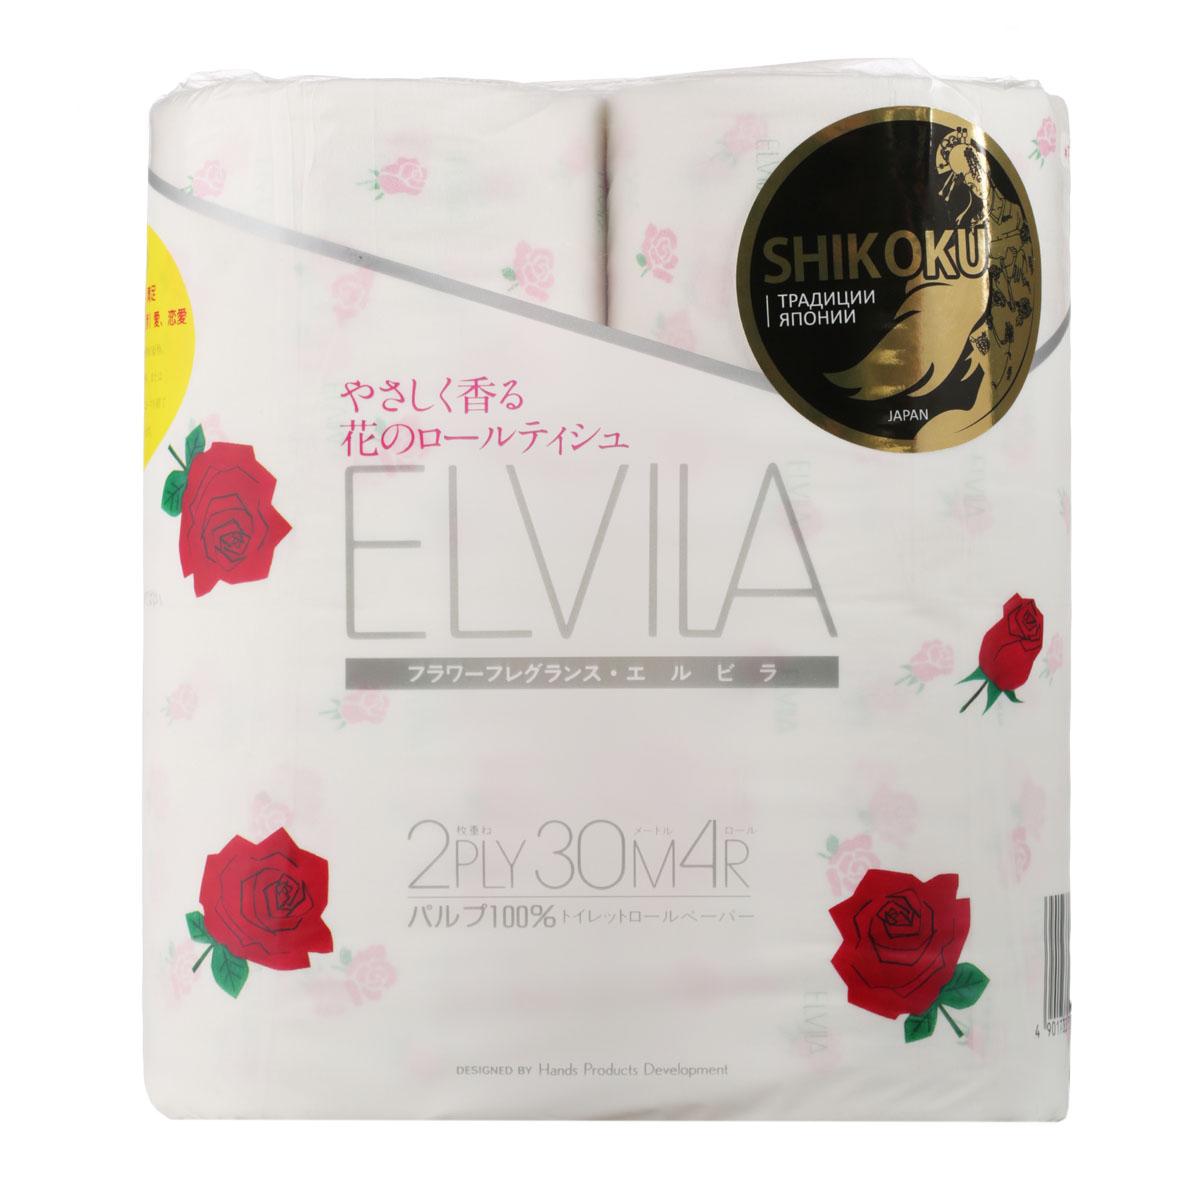 Парфюмированная туалетная бумага Shikoku Elvila, 2-х слойная, 4 рулона10076Туалетная бумага Shikoku серии «Elvila» представлена изысканным ароматом розы.По сравнению с синтетическим запахом обычной ароматизированной бумаги, ароматы Shikoku Tokushi – природные, изысканные и утонченные./ Также при производстве бумаги используется 100% целлюлоза, которая прошла тщательный отбор и особую обработку, а многолетний опыт сотрудников копании гарантирует высокое качество туалетной бумаги Shikoku Tokushi./ Туалетная бумага Серии «Elvila» мгновенно впитывает даже большое количество воды, поскольку между слоями бумаги есть воздушное пространство, что позволяет сократить объемы используемой бумаги на треть, а глубокие линии тиснения обеспечивают надежное соединение слоев и прочность бумаги./ Туалетная бумага Shikoku изготовлена из природных материалов и воды из источников Ниёдогава. /Состав: натуральная 100% целлюлоза./Срок годности не ограничен.